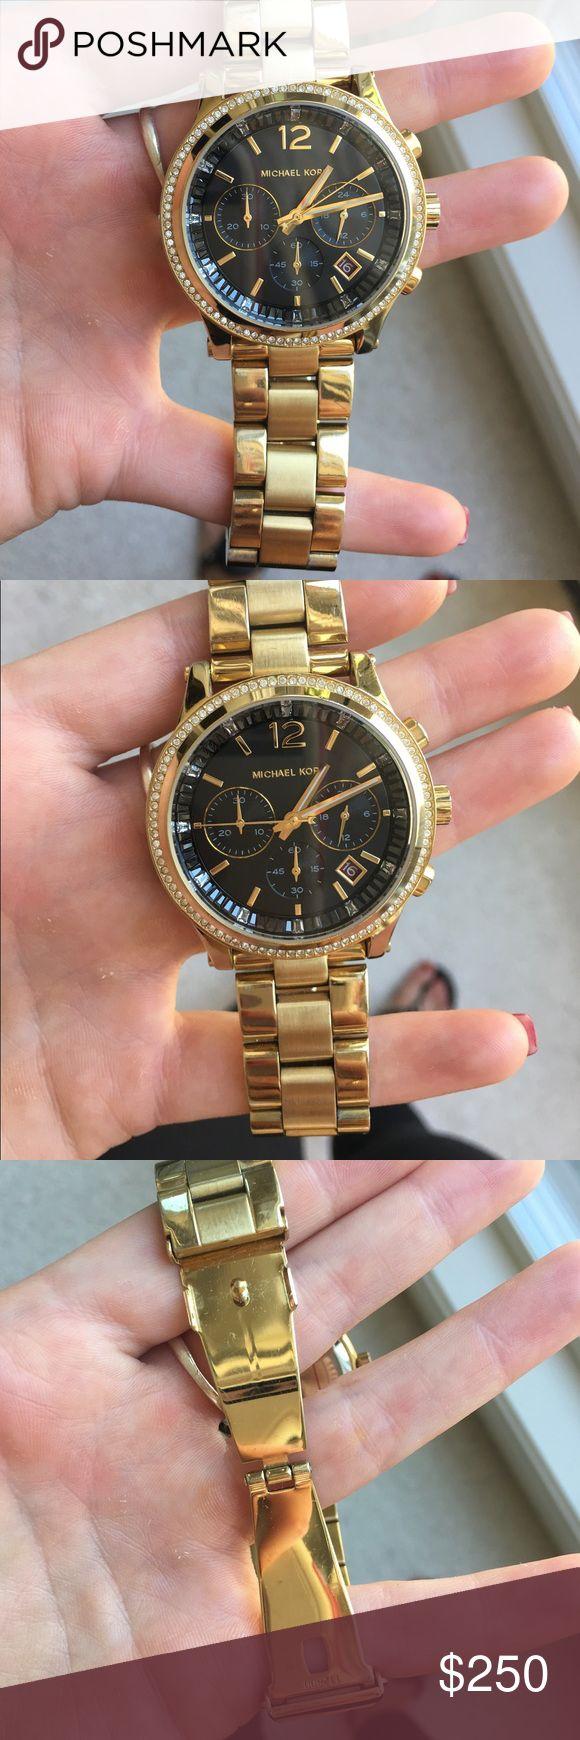 Michael Kors gold watch blue face Michael Kors gold watch blue face Michael Kors Jewelry Bracelets